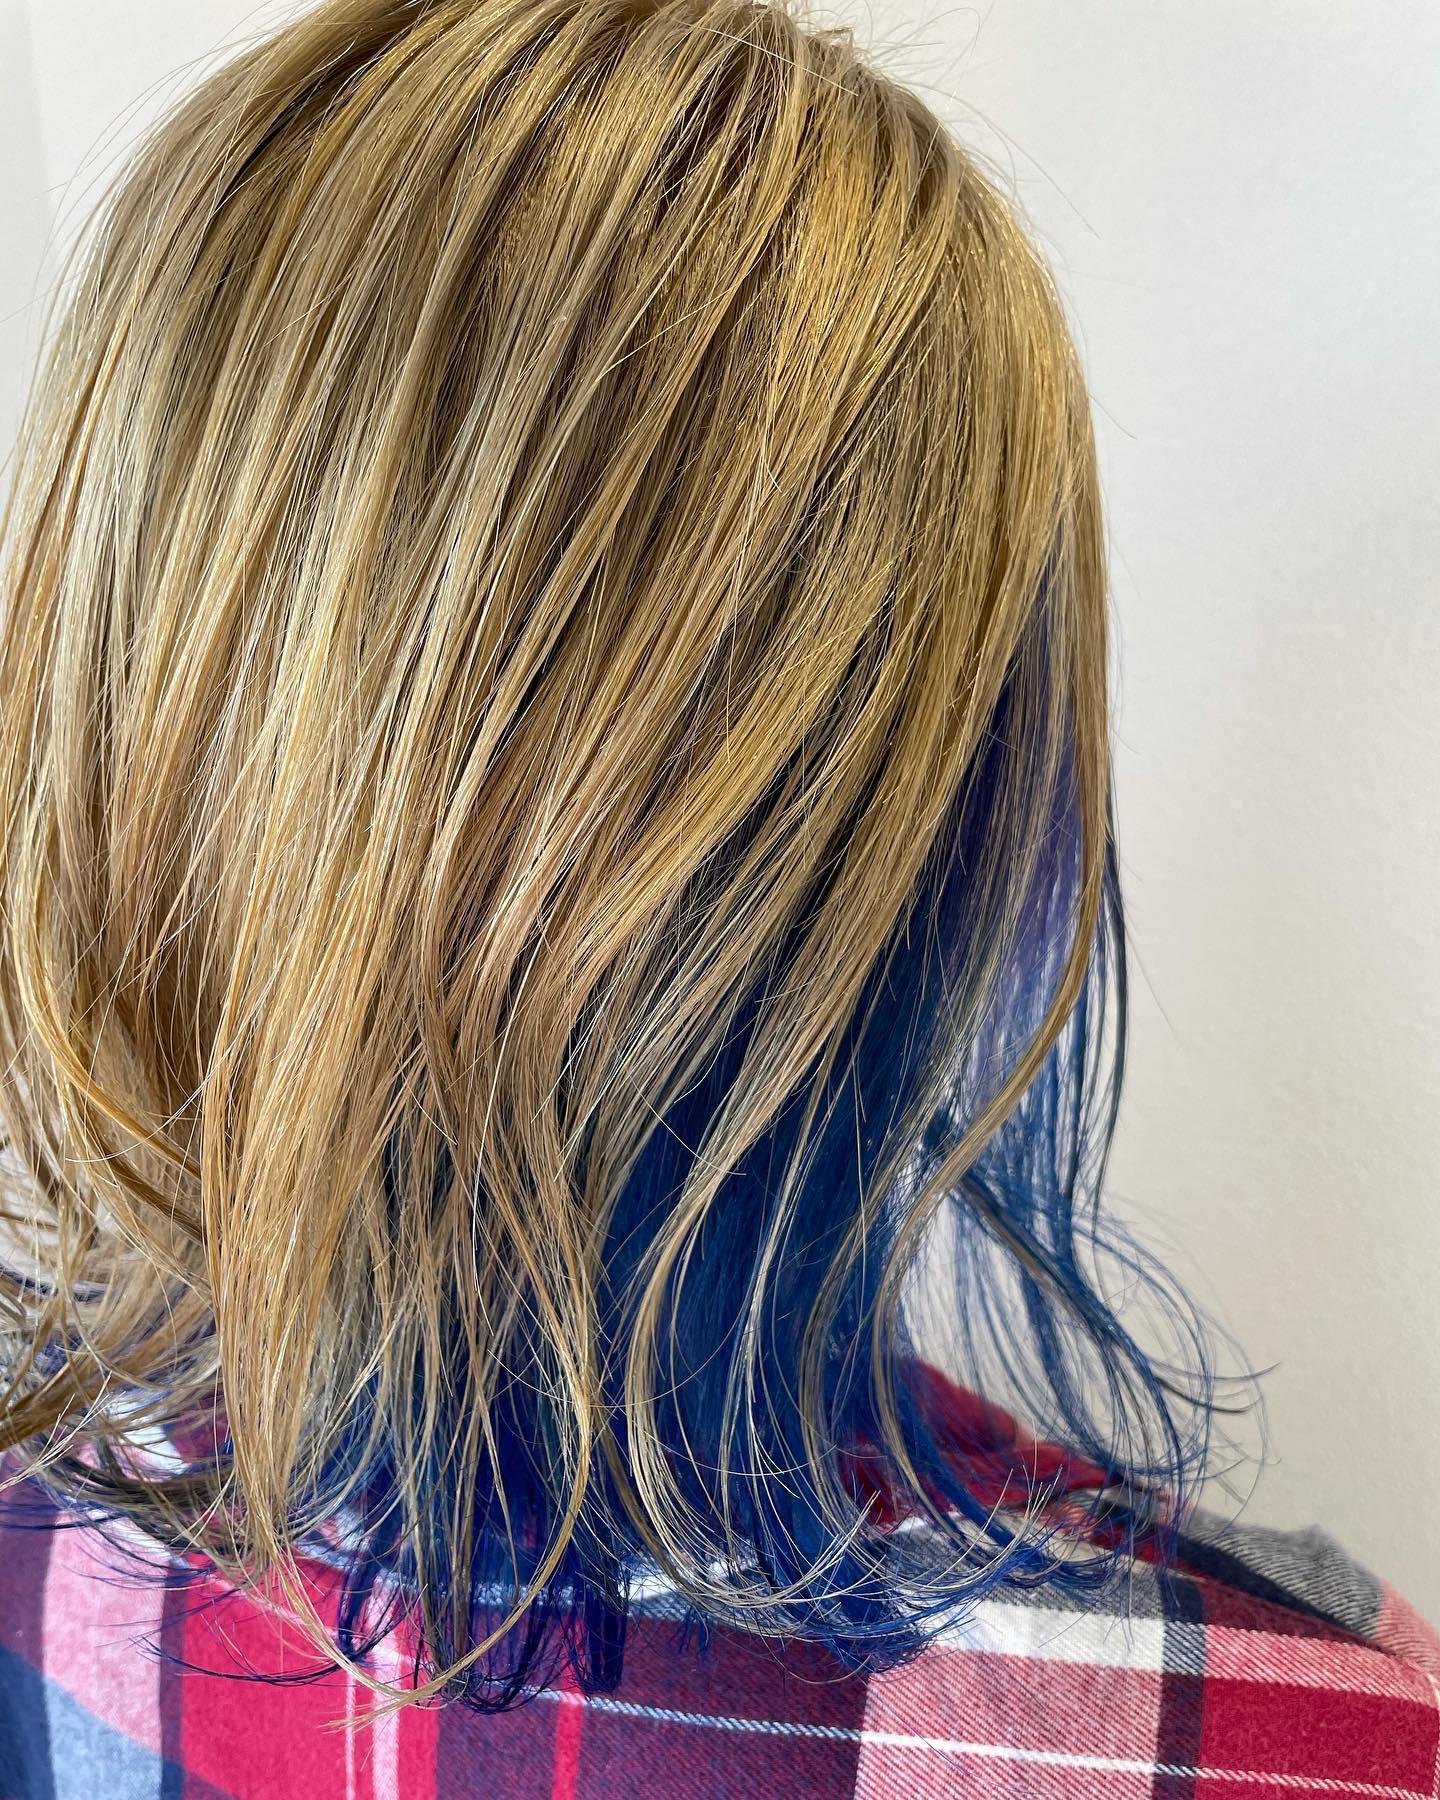 ハイトーン️ツートン..#ハイトーン#ツートン#ブルー#blue### #可愛い#ボブ..〠627-0004京丹後市峰山町荒山1220-1︎0772608704close:Wednesday